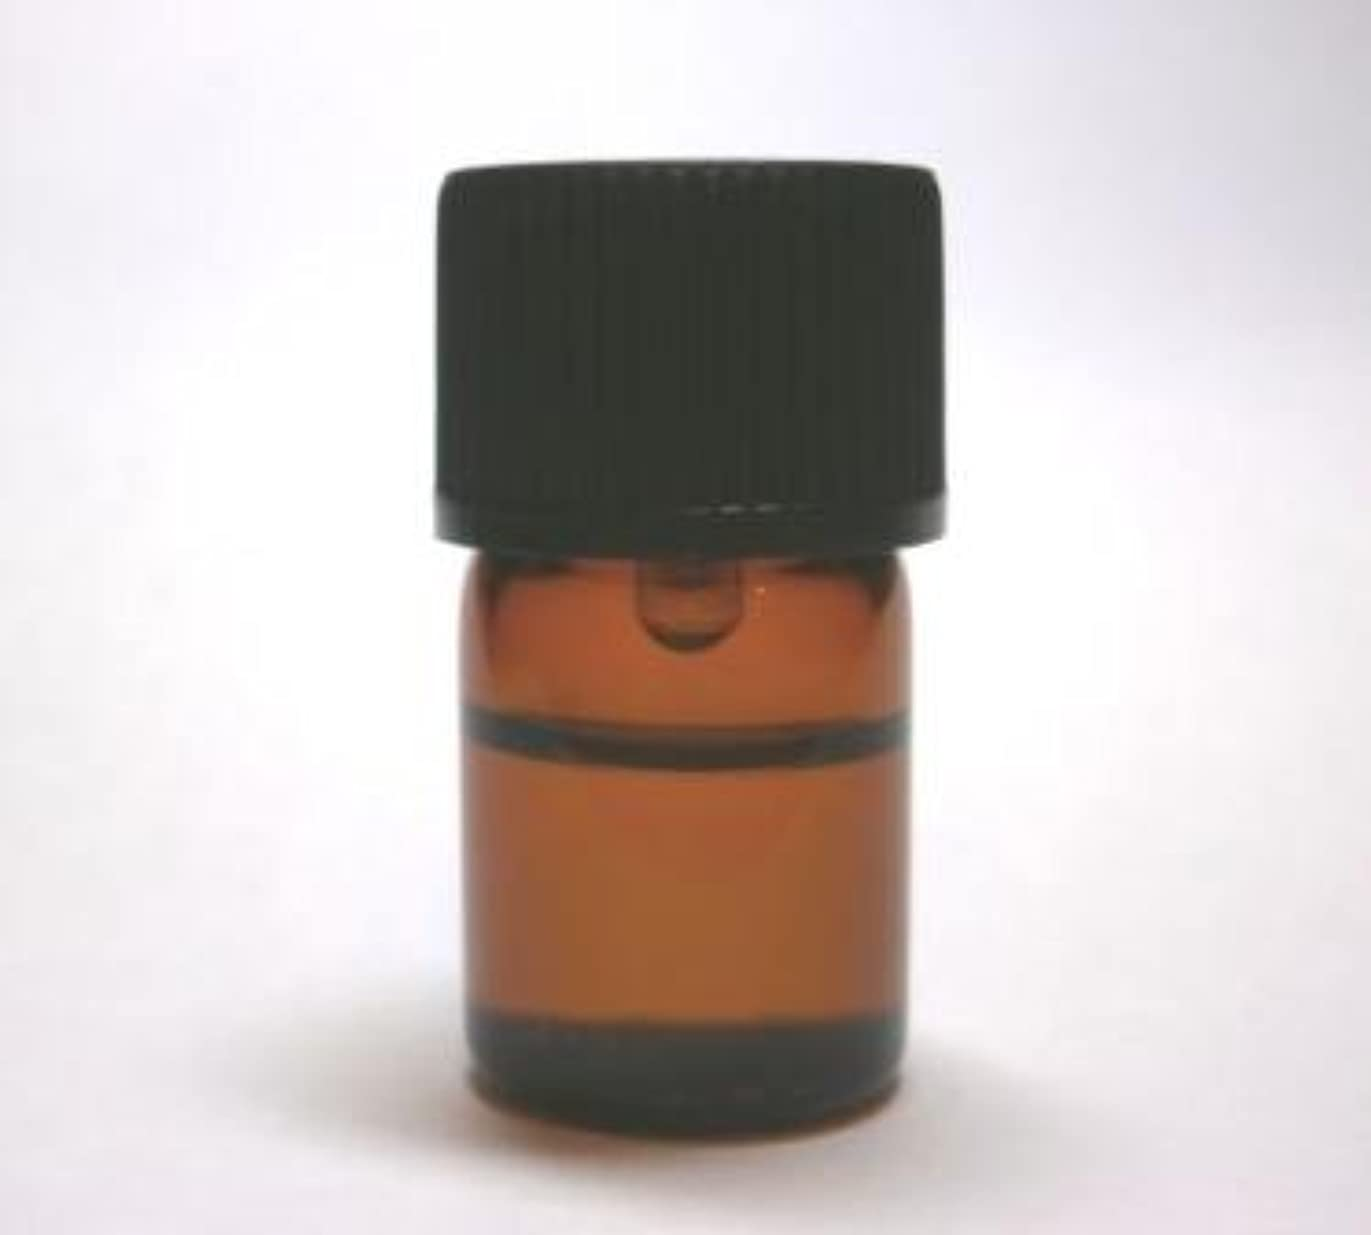 厚さブレーク処理ローズabsアブソリュート100%:3ml /ローズエッセンシャルオイル/ローズ精油/ローズオイル